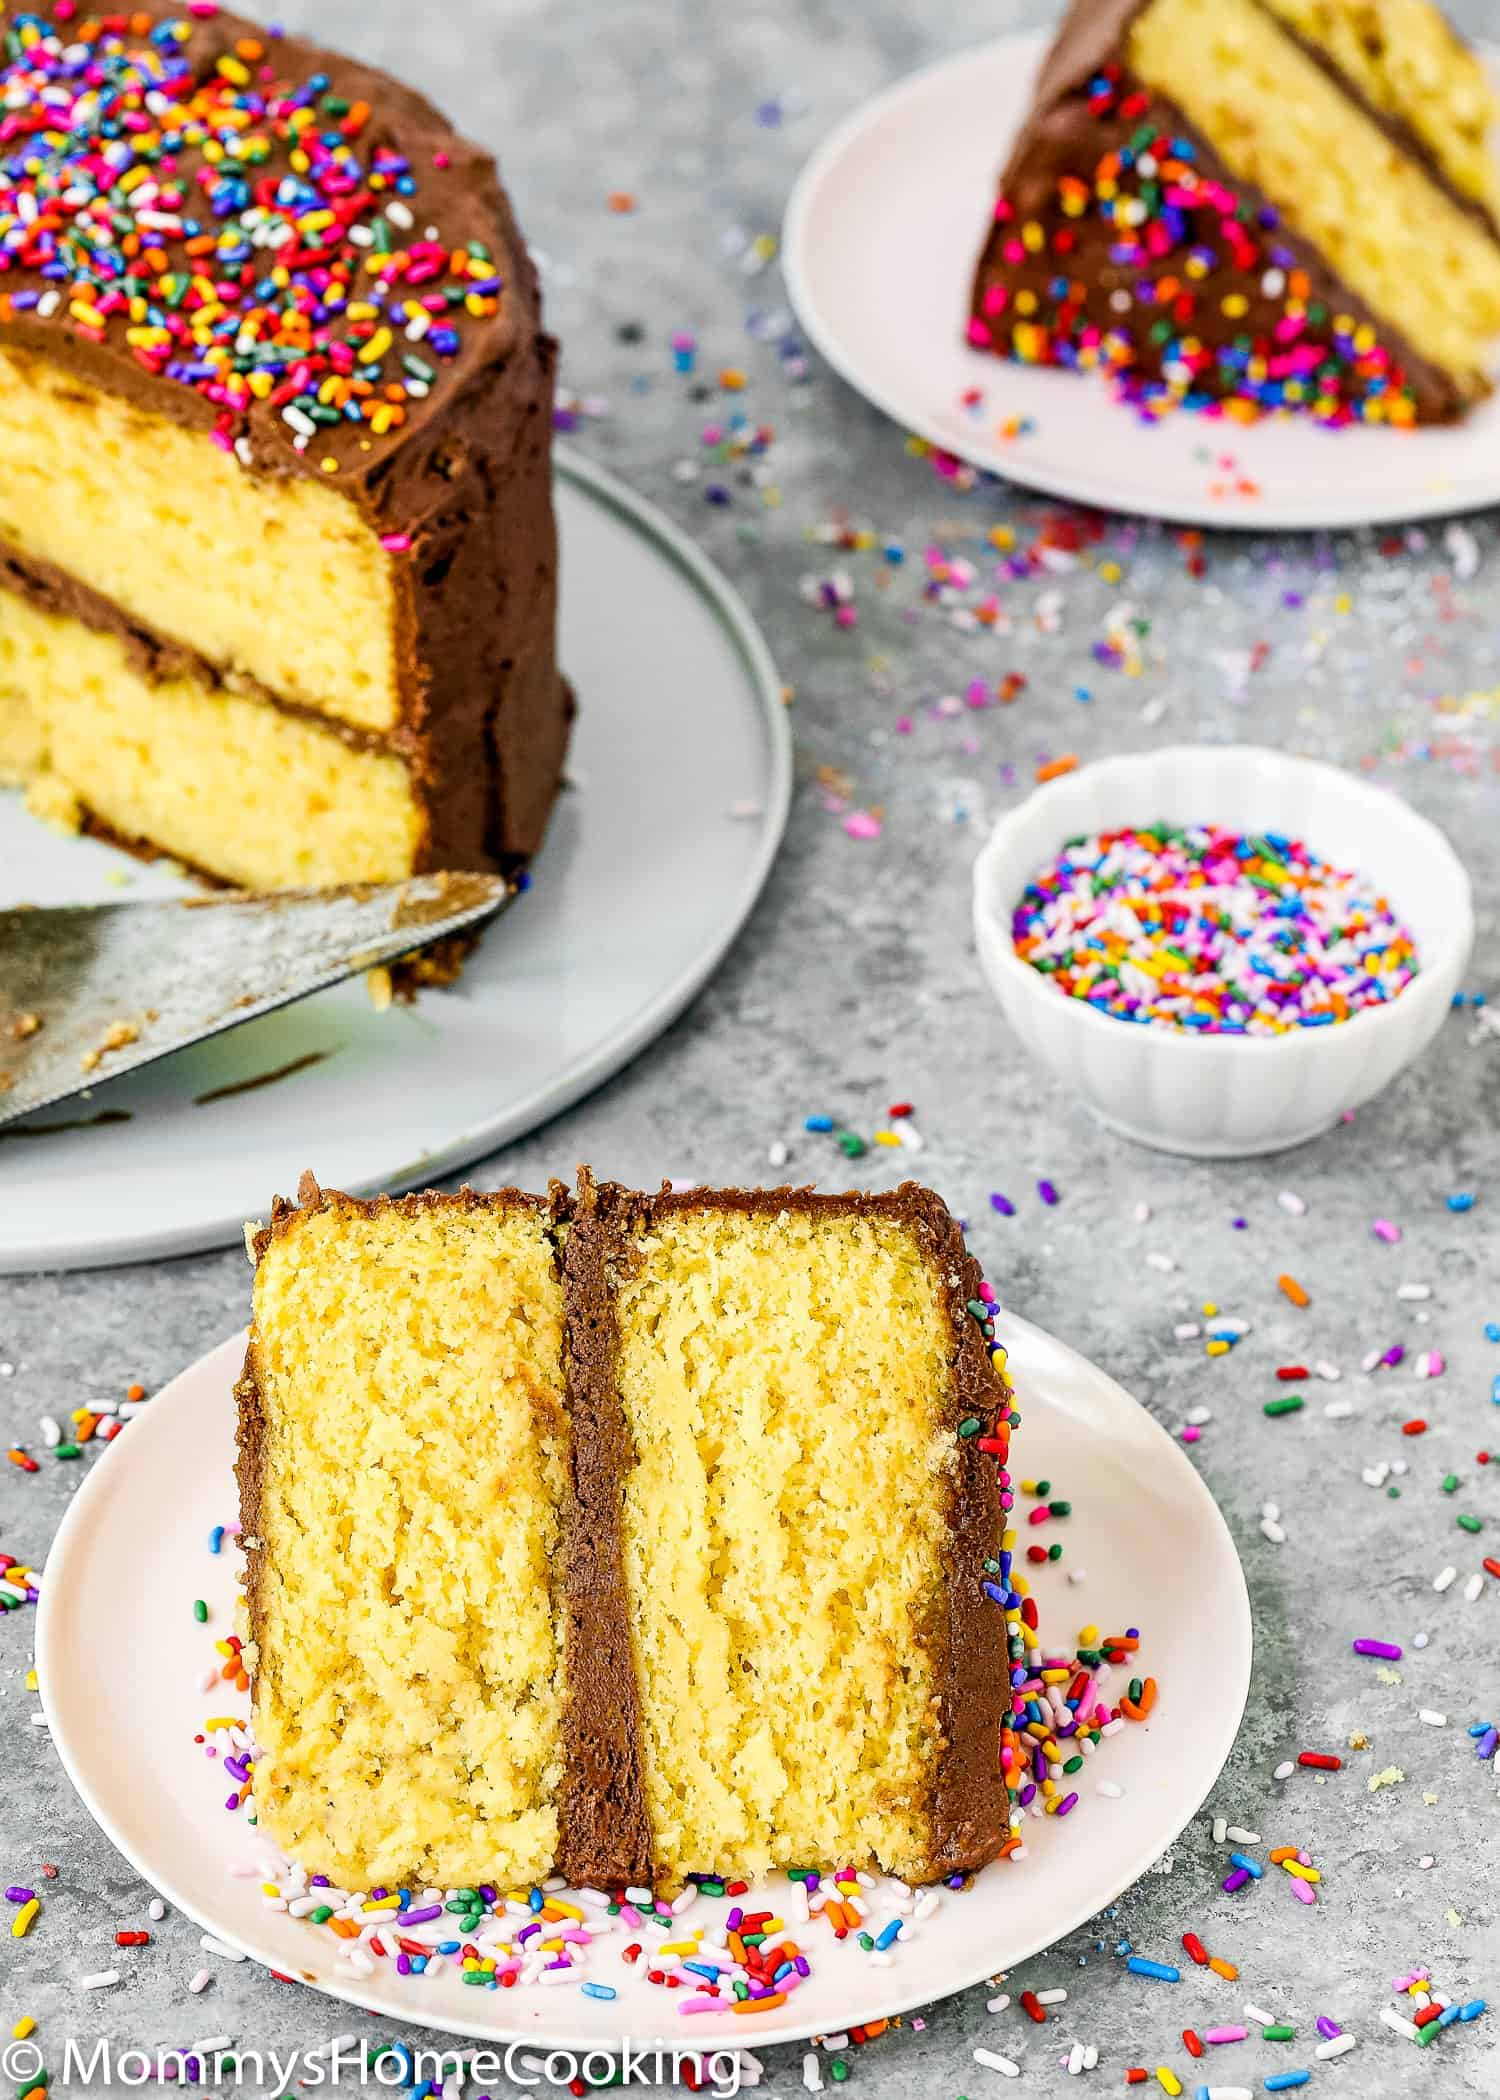 """Est-ce que vous ou quelqu'un que vous aimez êtes allergique aux œufs? Ou avez-vous juste manqué d'œufs? Ne paniquez pas! Vous pouvez toujours faire ce gâteau en boîte dont vous avez envie. Apprenez mon astuce sur comment faire une boîte de mélange de gâteau sans oeufs. Pratique pur et incroyablement délicieux! https://mommyshomecooking.com """"width ="""" 750 """"height ="""" 1050 """"srcset ="""" https://mommyshomecooking.com/wp-content/uploads/2018/05/How-to-Make-a-Cake-Mix -Box-without-Eggs-5.jpg 1500w, https://mommyshomecooking.com/wp-content/uploads/2018/05/How-tur-Make-a-Cake-Mix-Box-without-Eggs-5- 214x300.jpg 214w, https://mommyshomecooking.com/wp-content/uploads/2018/05/How-take-Make-a-Cake-Mix-Box-without-Eggs-5-768x1075.jpg 768w, https: //mommyshomecooking.com/wp-content/uploads/2018/05/How-take-make-a-Cake-Mix-Box-without-Eggs-5-700x980.jpg 700w """"tailles ="""" (largeur maximale: 750px ) 100vw, 750px"""